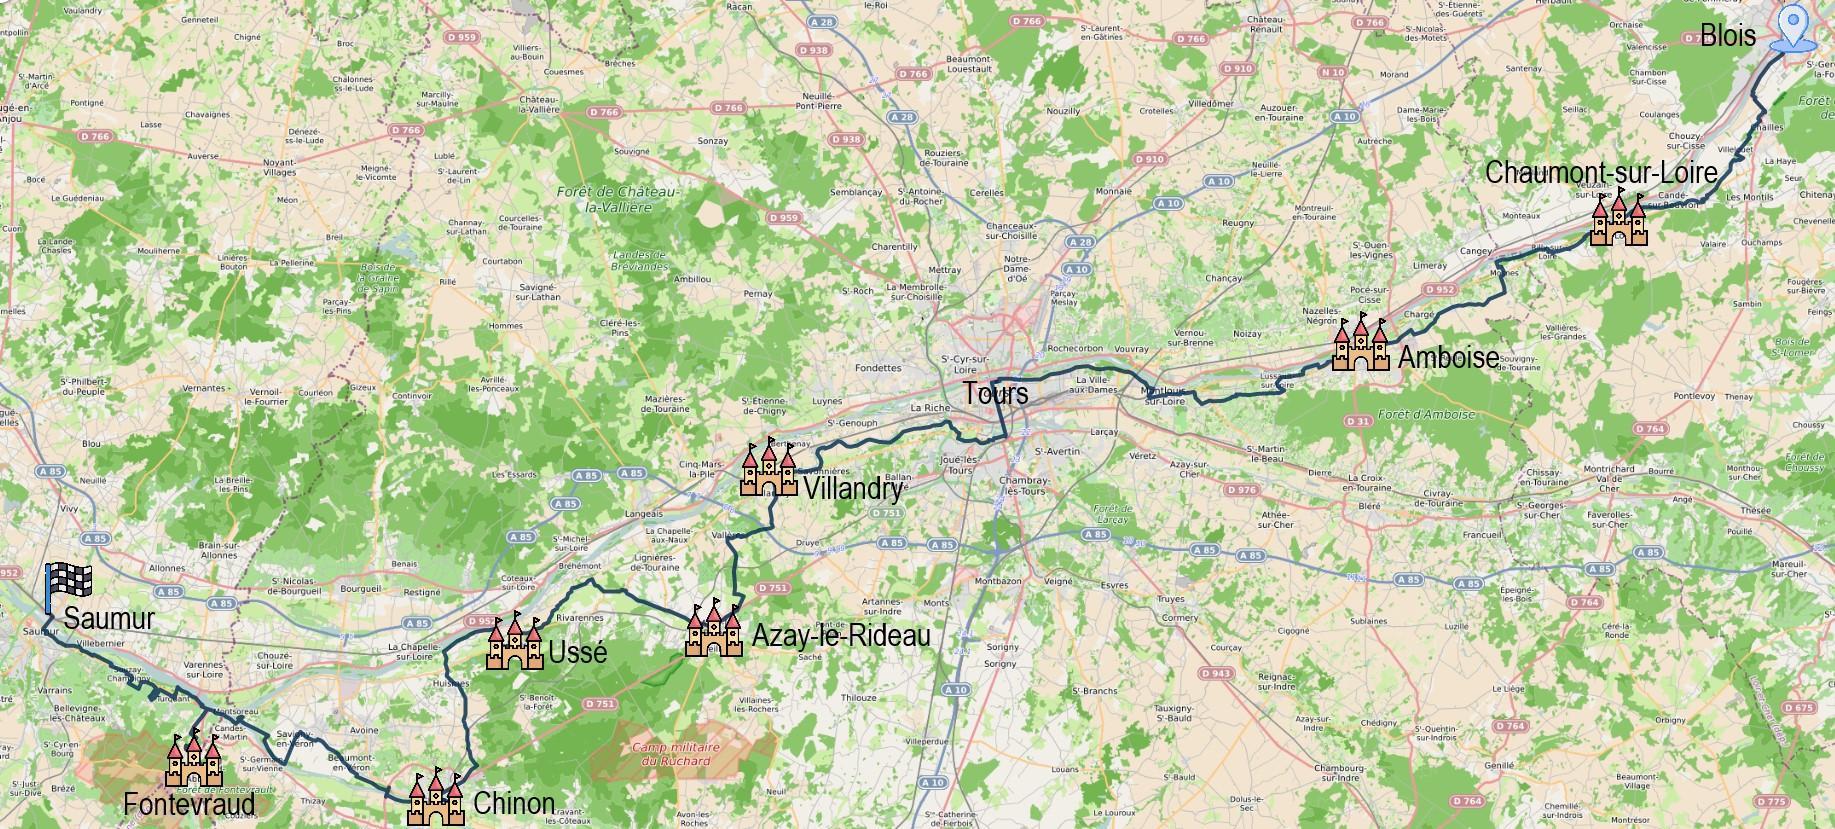 Carte itinéraire du séjour Château de la Loire à vélo de Blois à Saumur